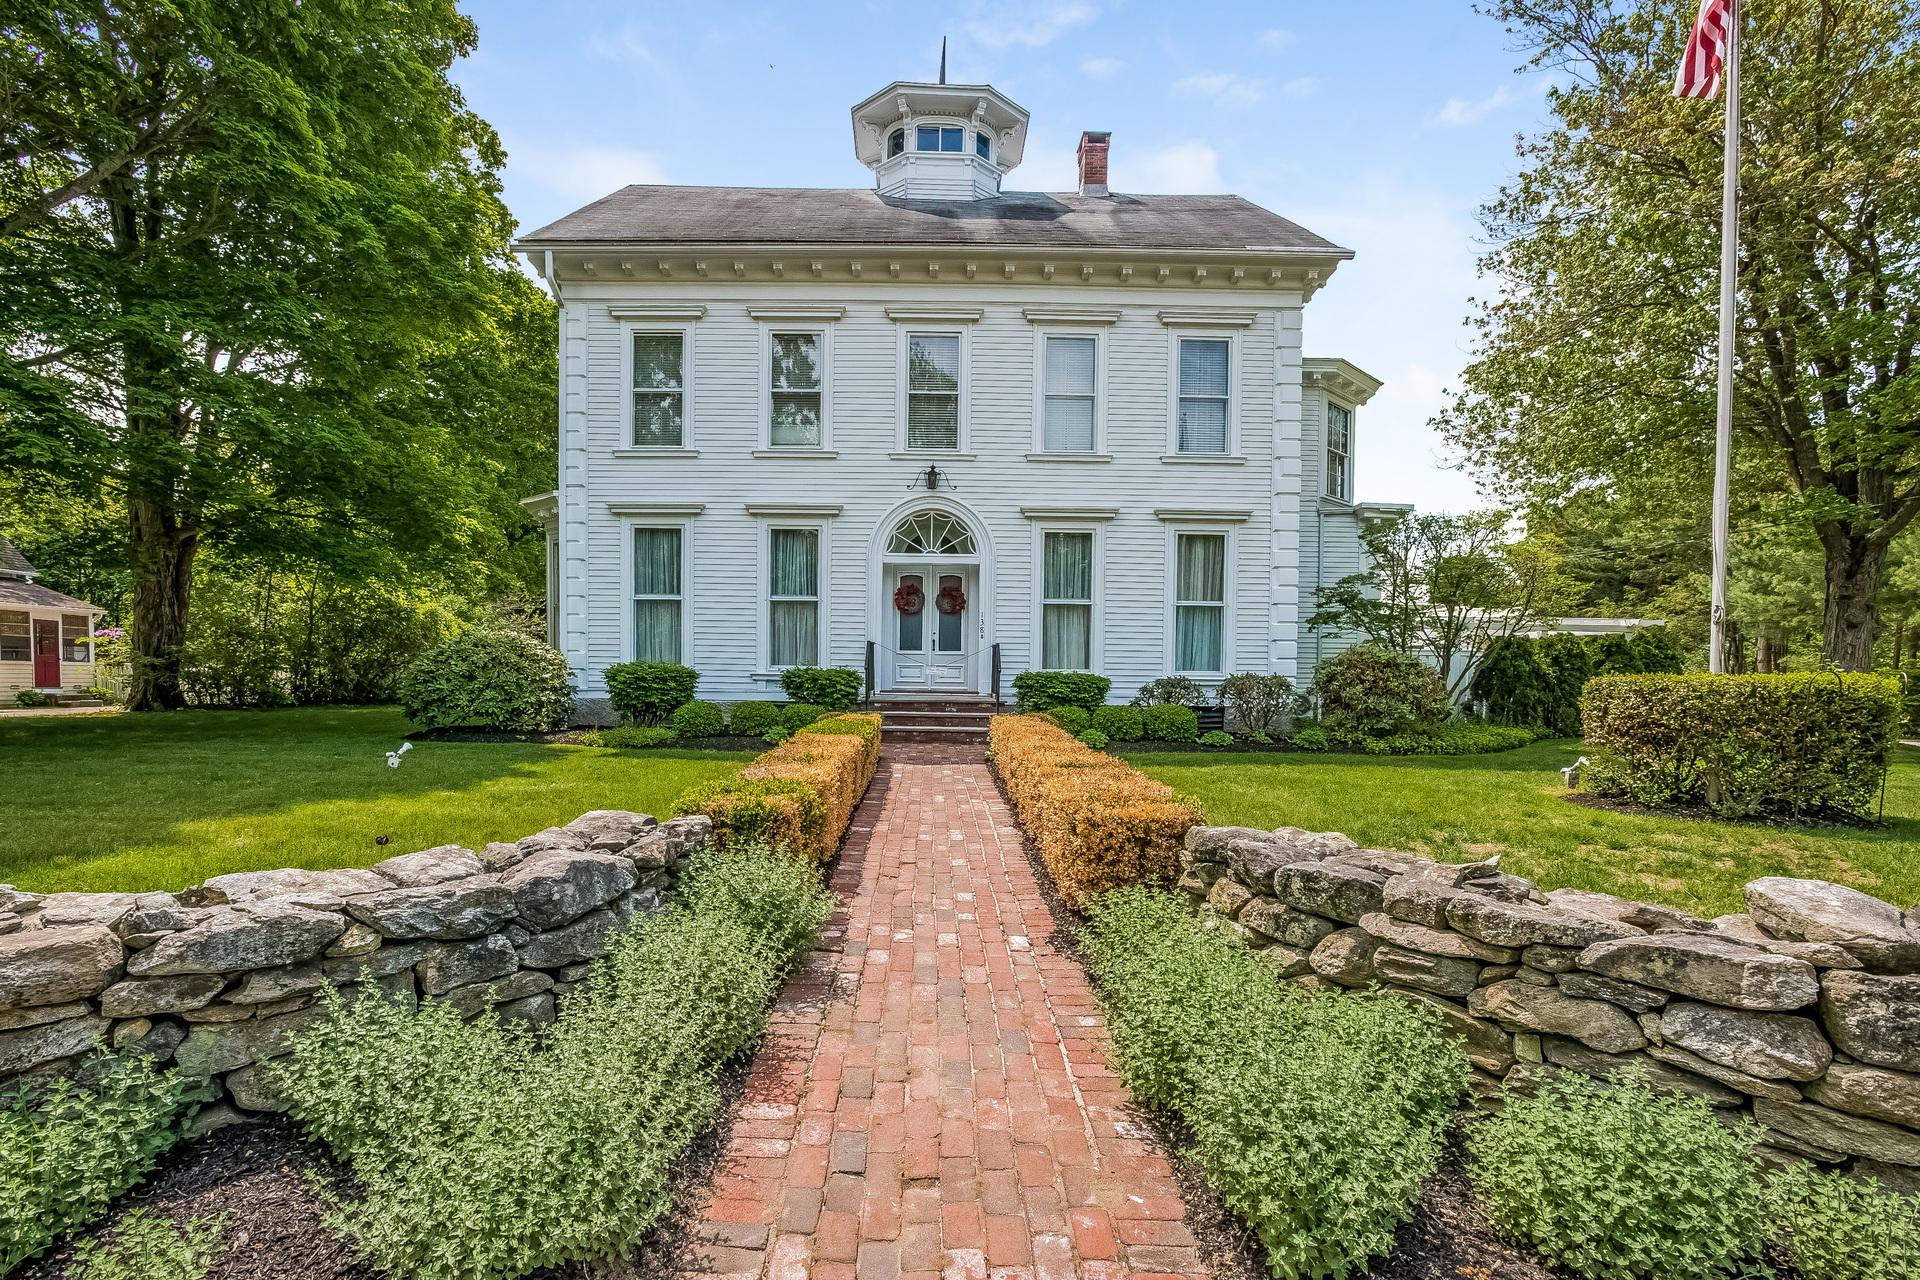 Maison unifamiliale pour l Vente à 138 South Main St Westbrook, Connecticut 06498 États-Unis